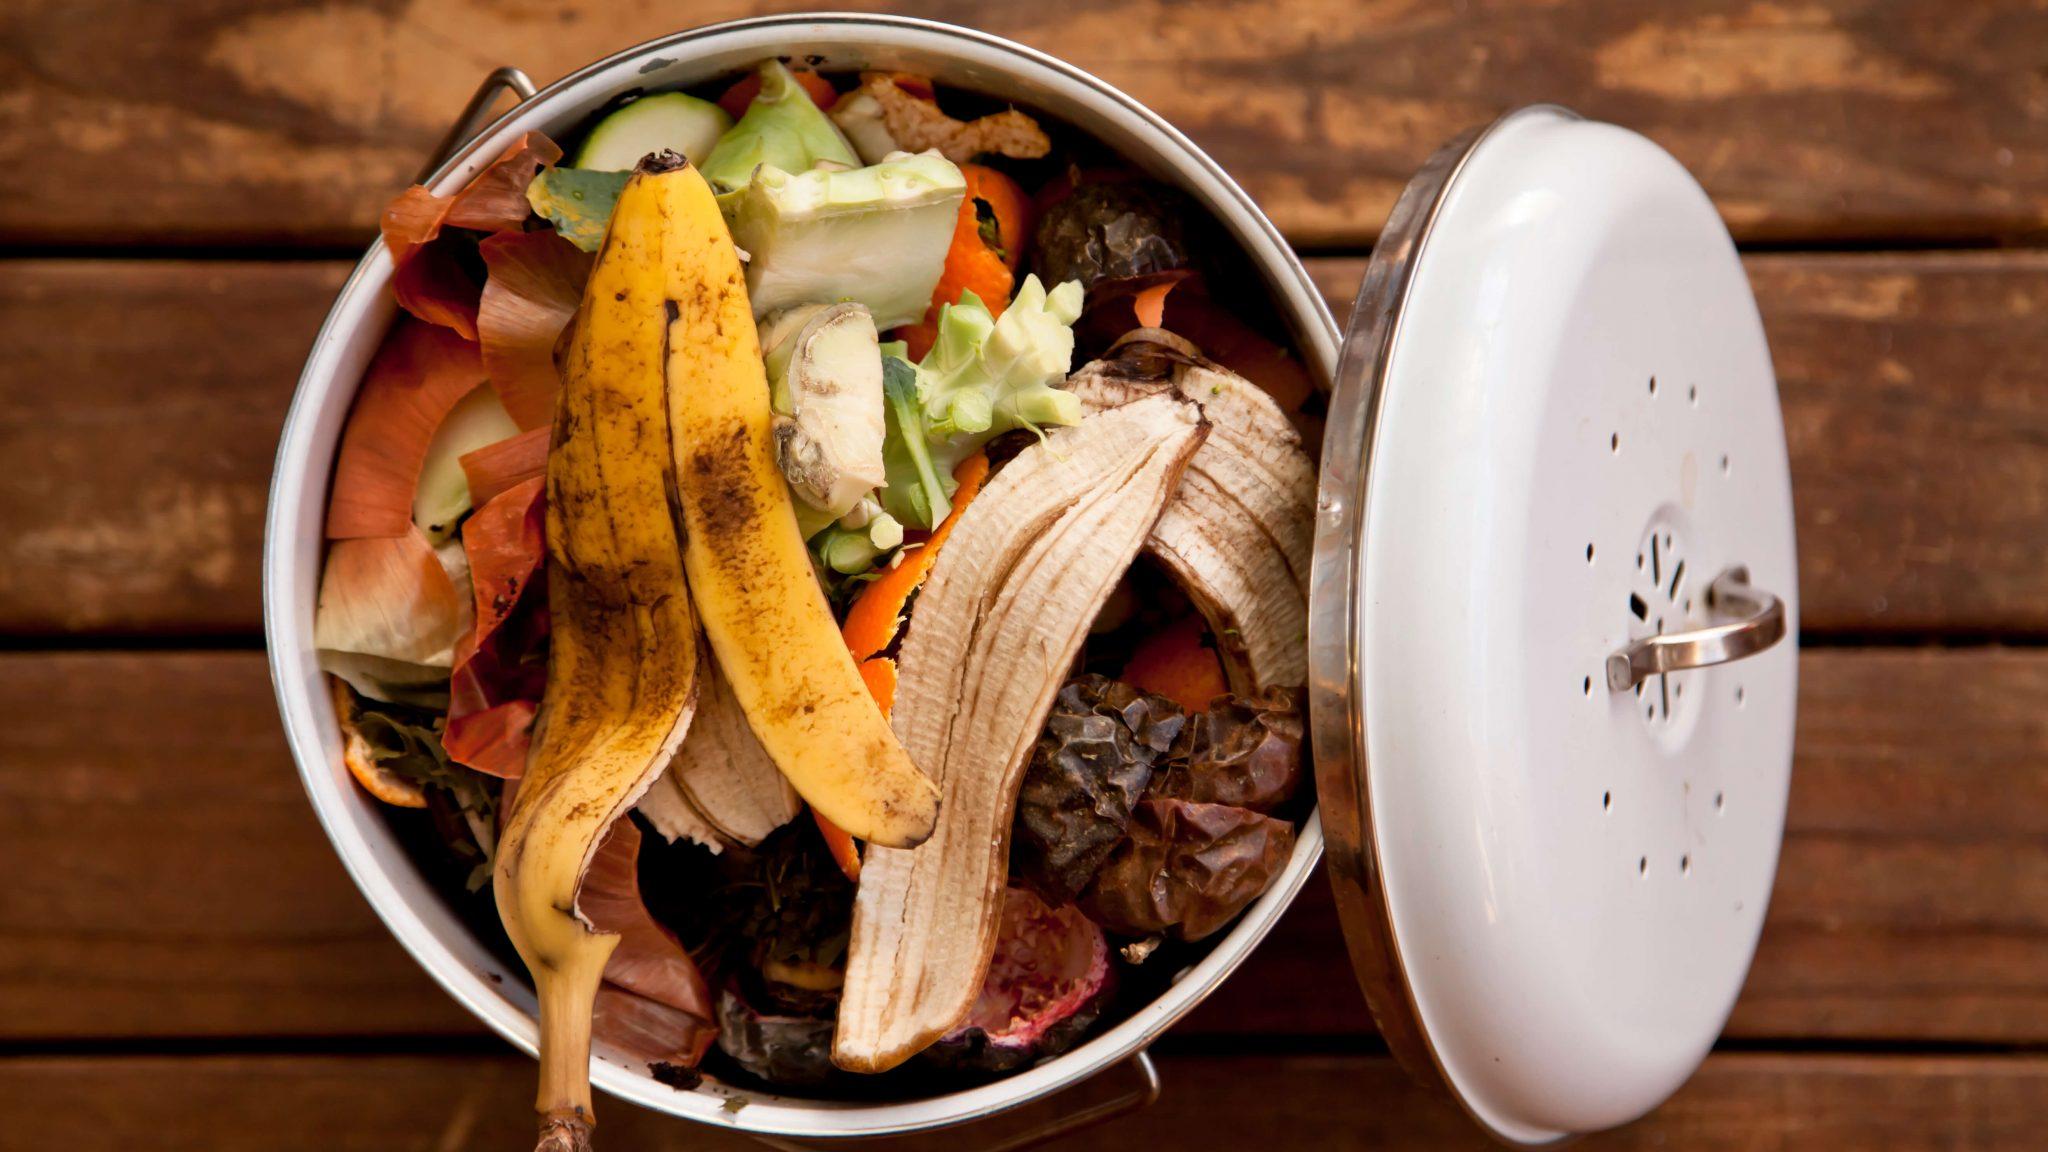 food waste 2.jpg